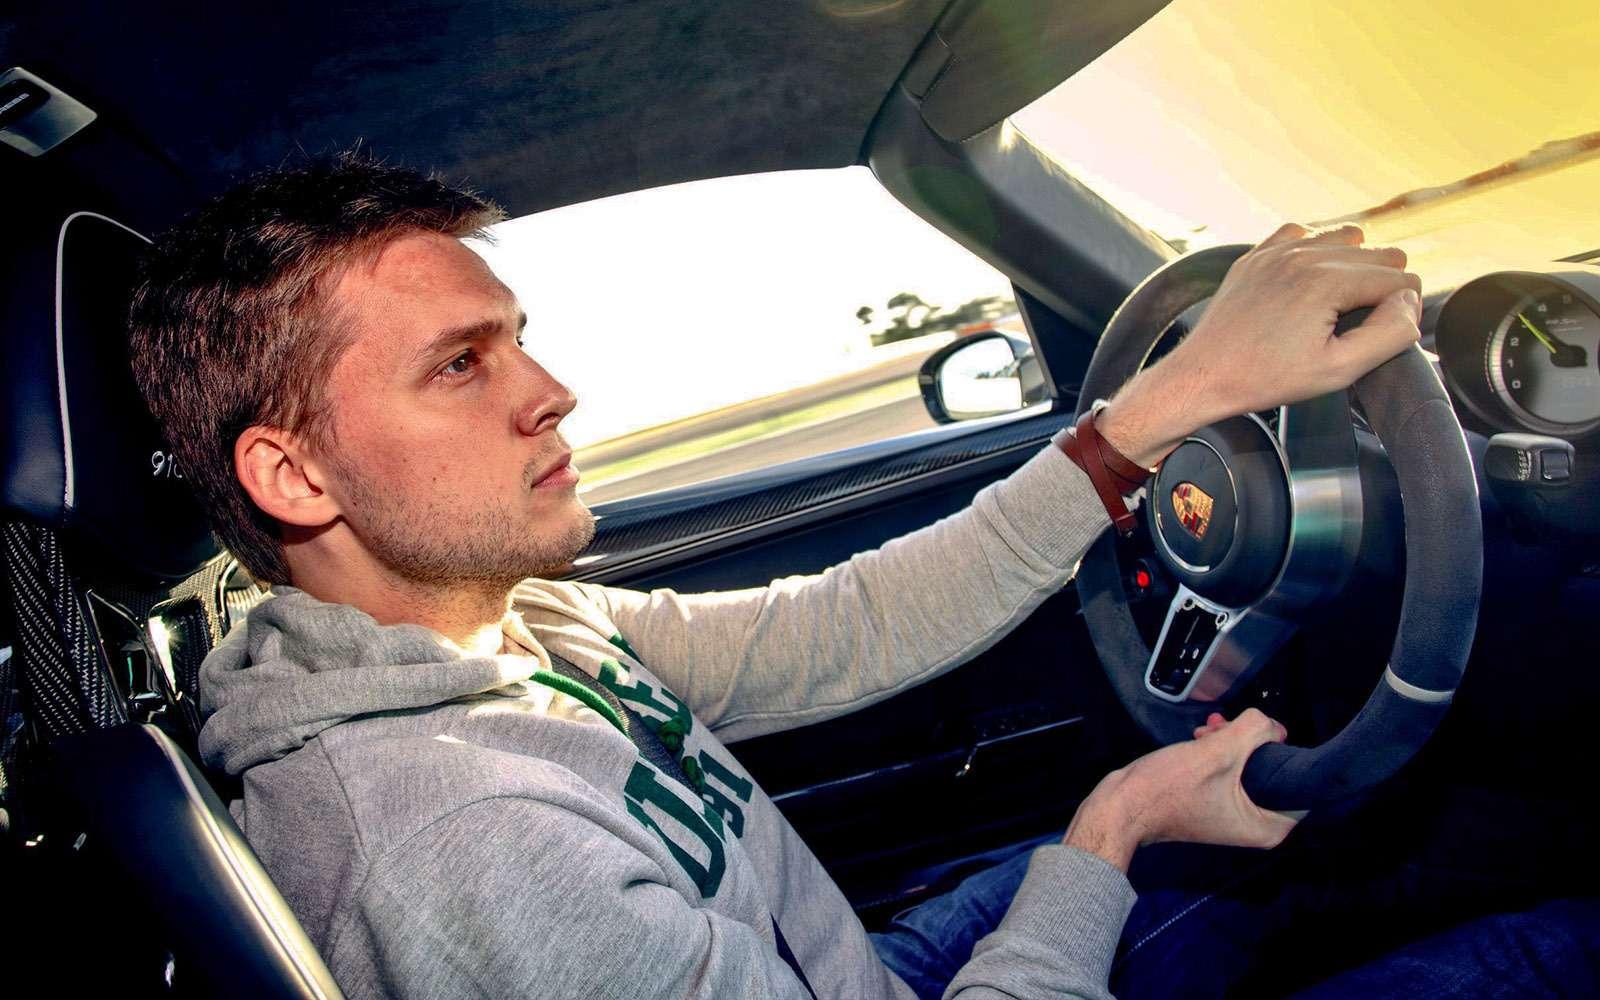 BMW5-й серии против конкурентов: кто напять?— фото 743853